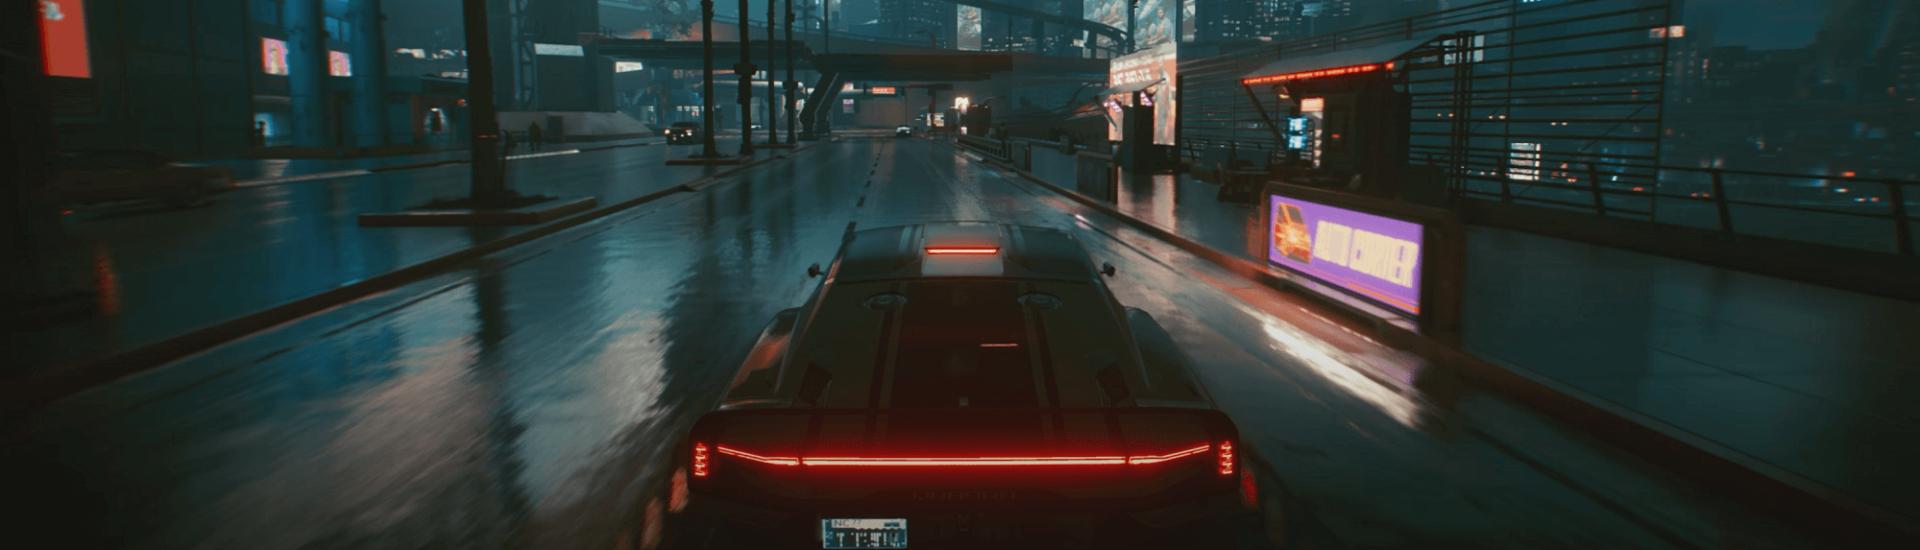 Cyberpunk 2077: Fahrzeuge in Klassen-System eingeteilt